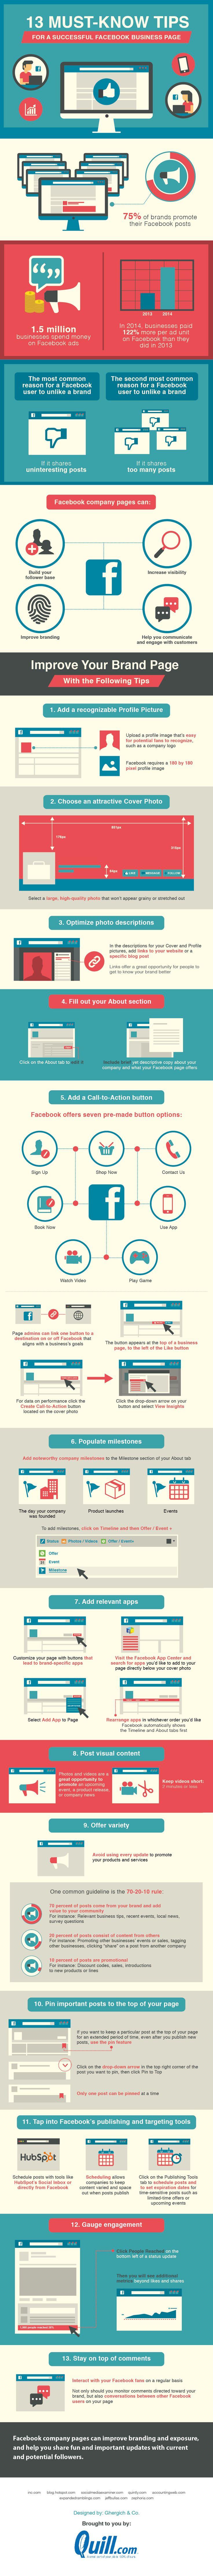 Wil jij scoren met je Facebookpagina? Gebruik dan deze 13 'must-know' tips! #infographic #InfographicDay #Frankwatching #Facebookpagina